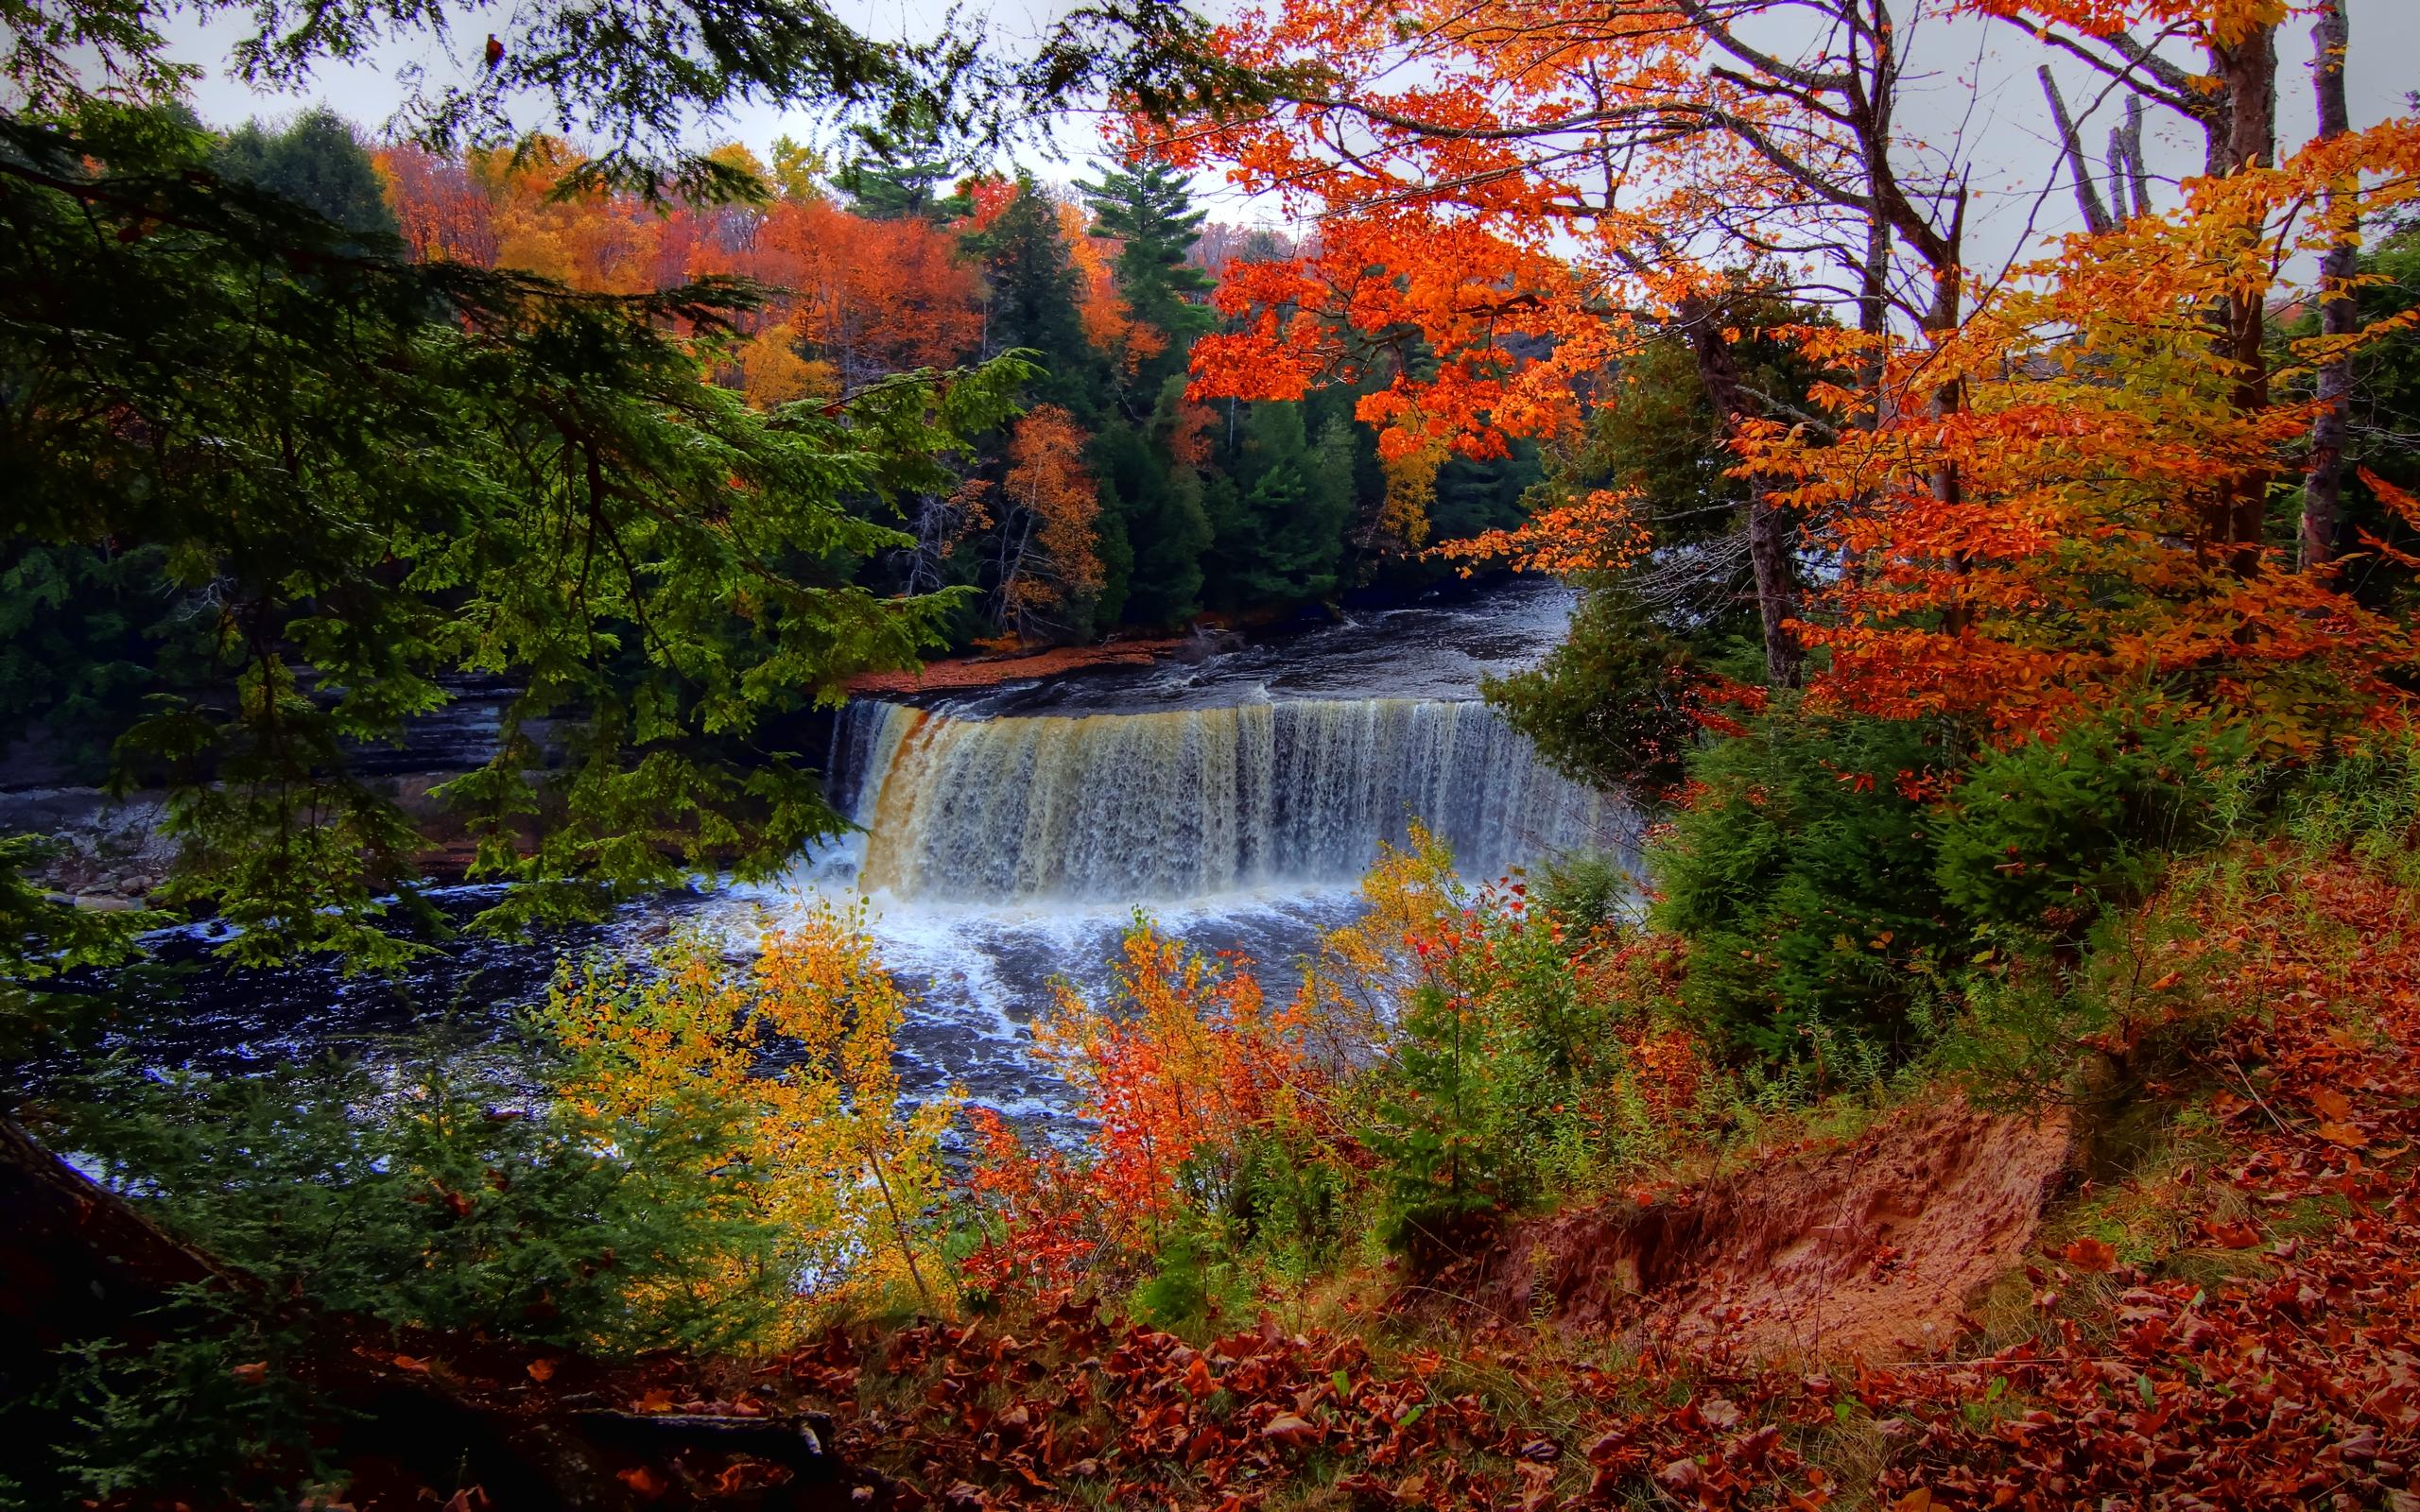 Tahquamenon Falls Michigan Winter Wallpaper Waterfall Hd Wallpaper Background Image 2560x1600 Id